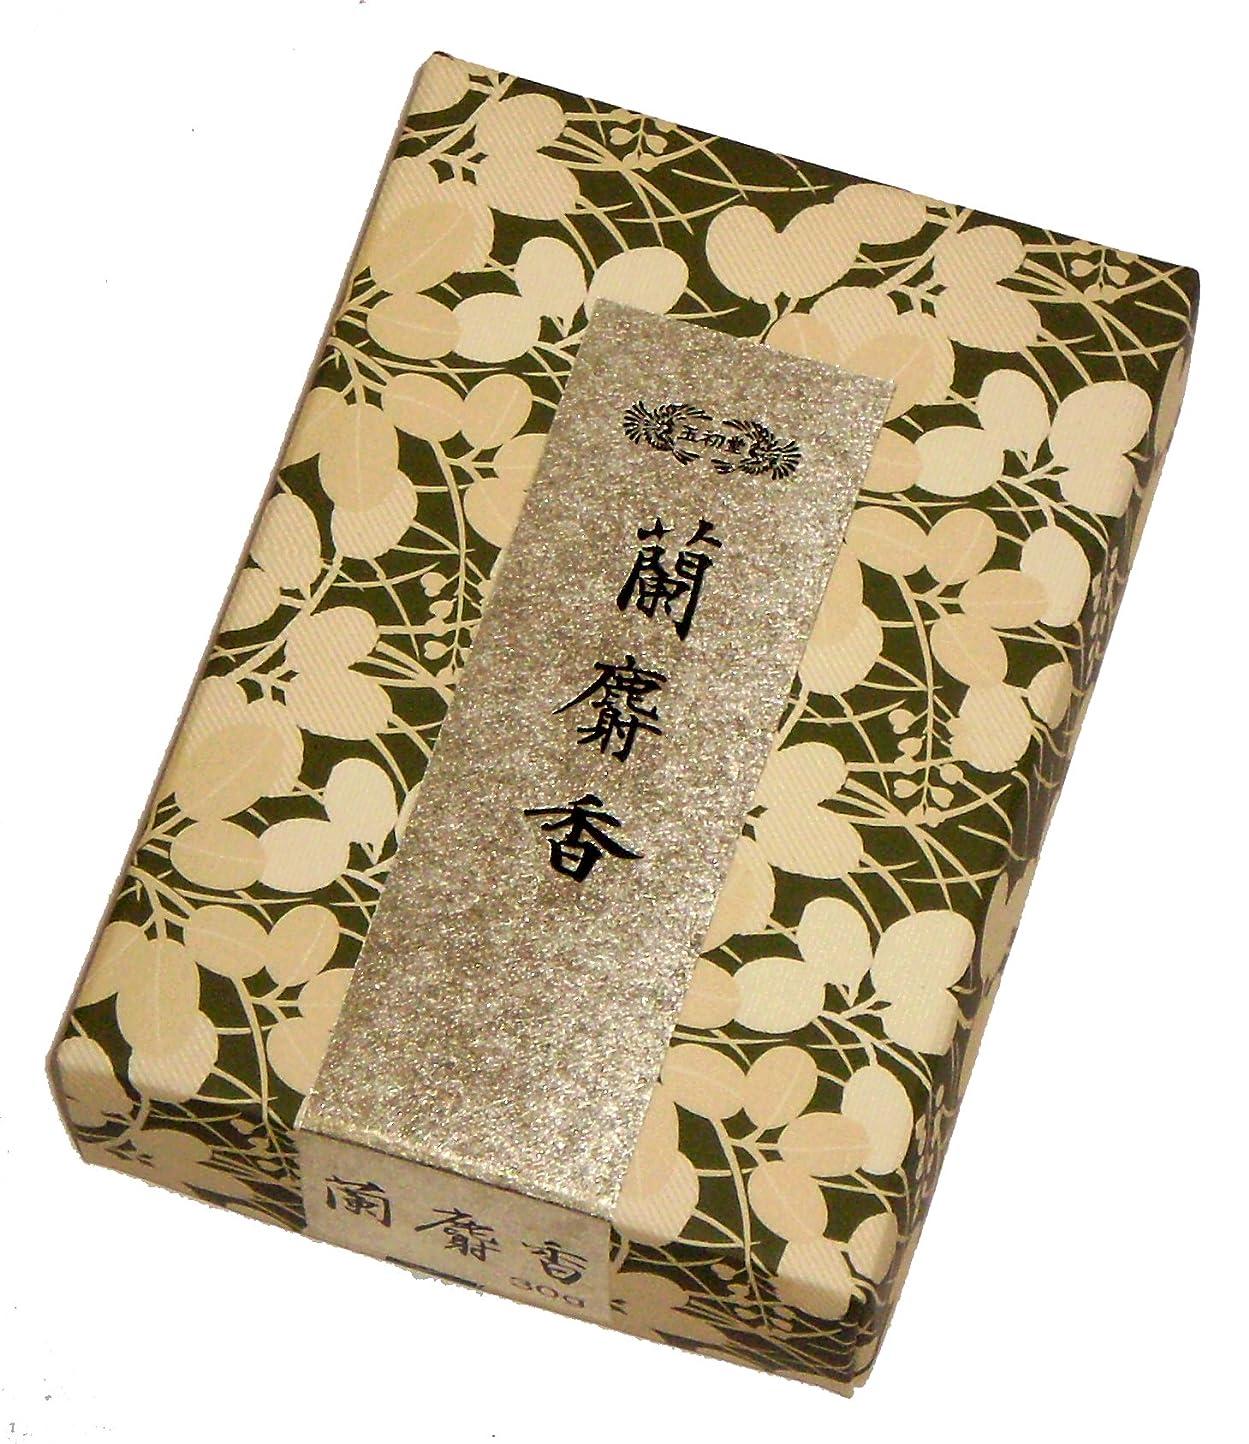 興奮する話をする魅惑的な玉初堂のお香 蘭麝香 30g #625